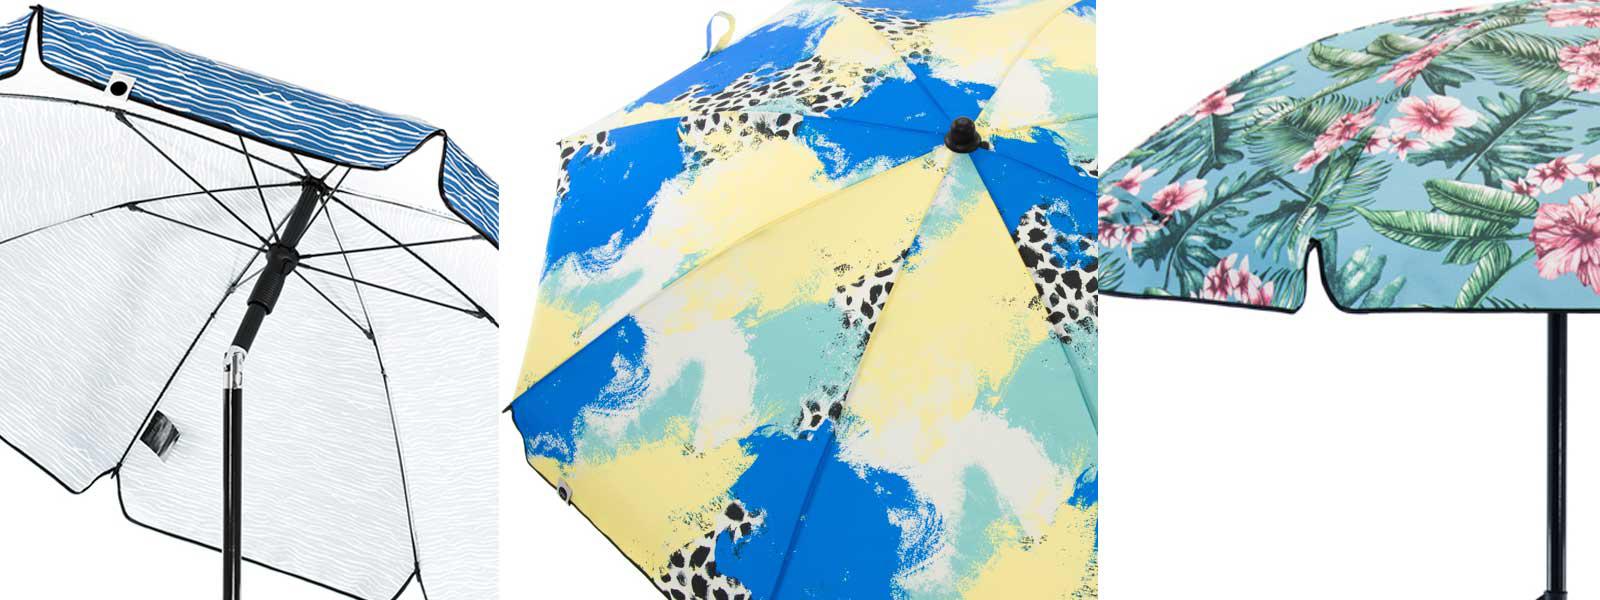 blog_webbanner_sunumbrellas_01